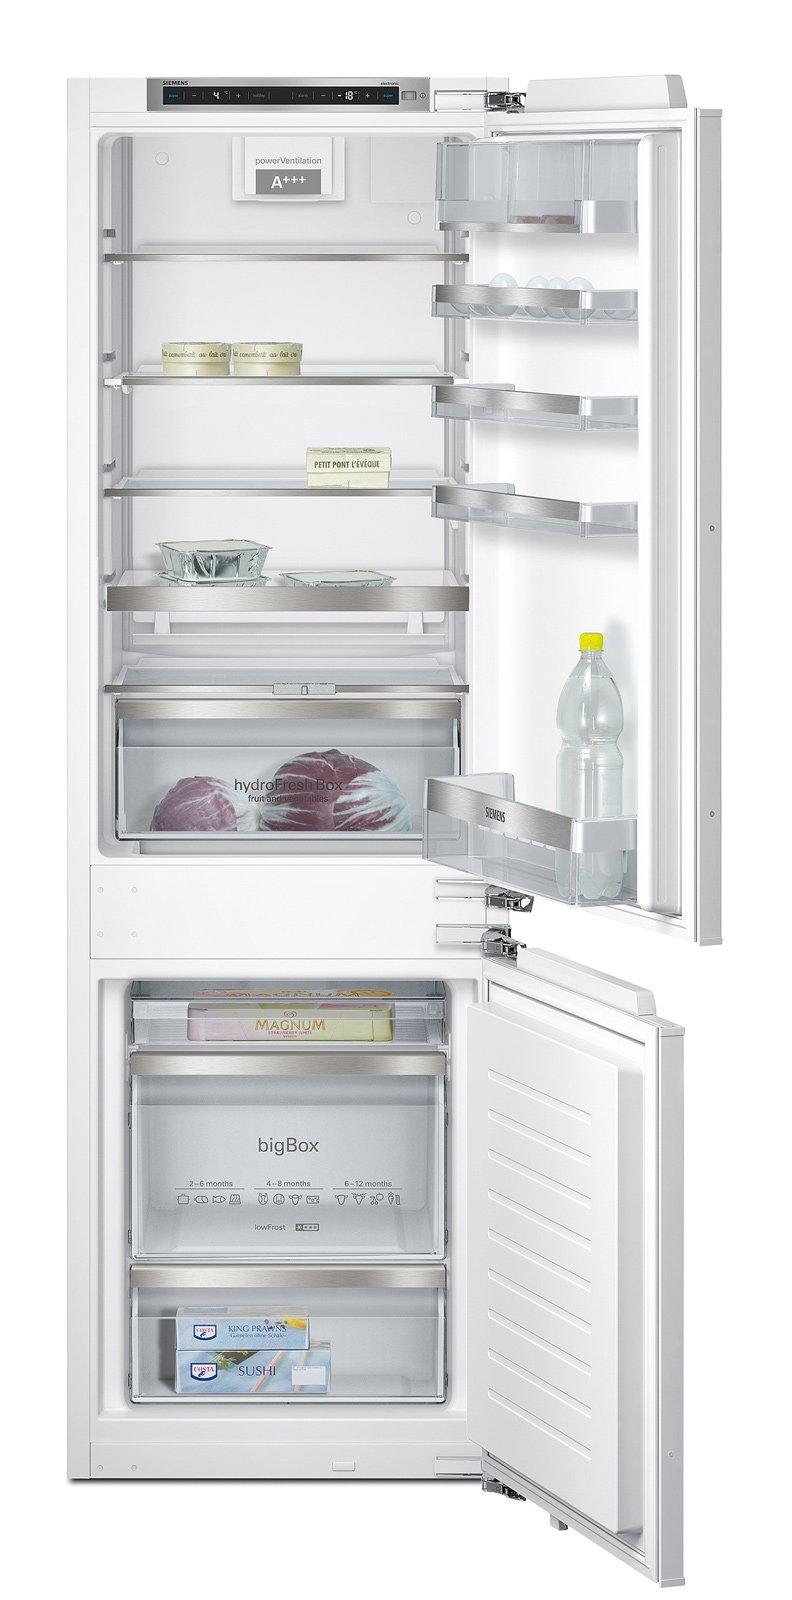 frigoriferi con scomparti e temperature per i diversi alimenti cose di casa. Black Bedroom Furniture Sets. Home Design Ideas